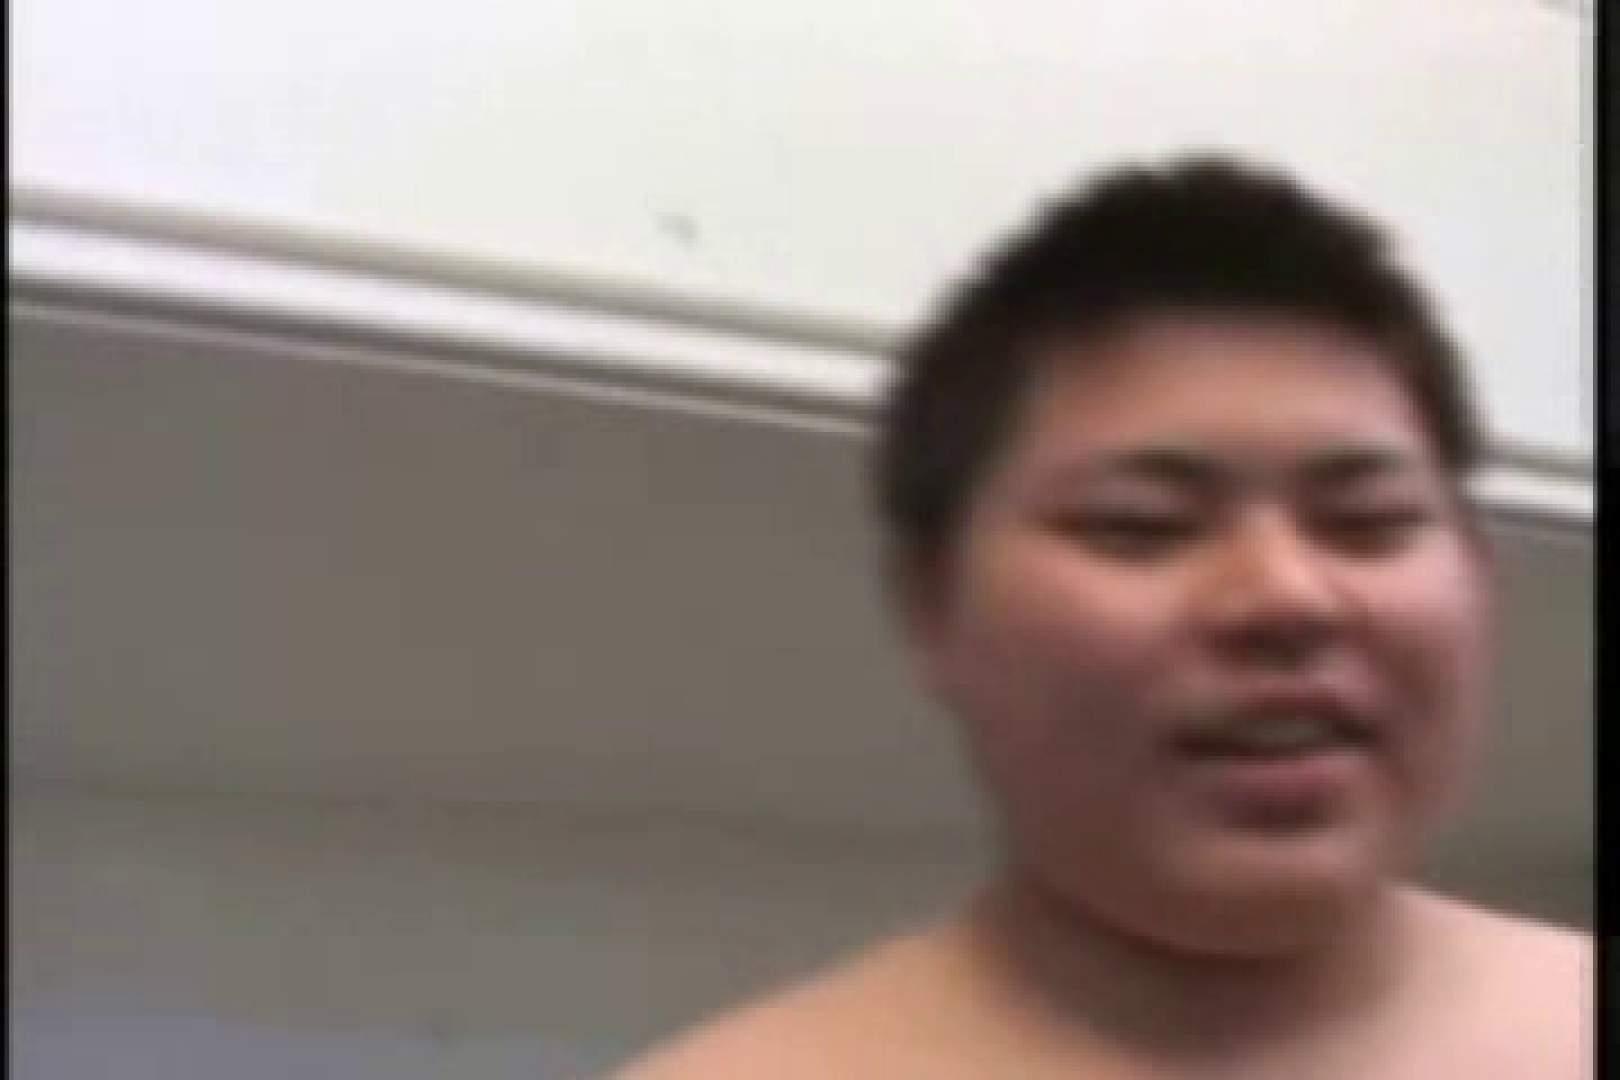 ファイル流出! ! 太郎君のドロドロ射精 アナル ゲイザーメン画像 103枚 13